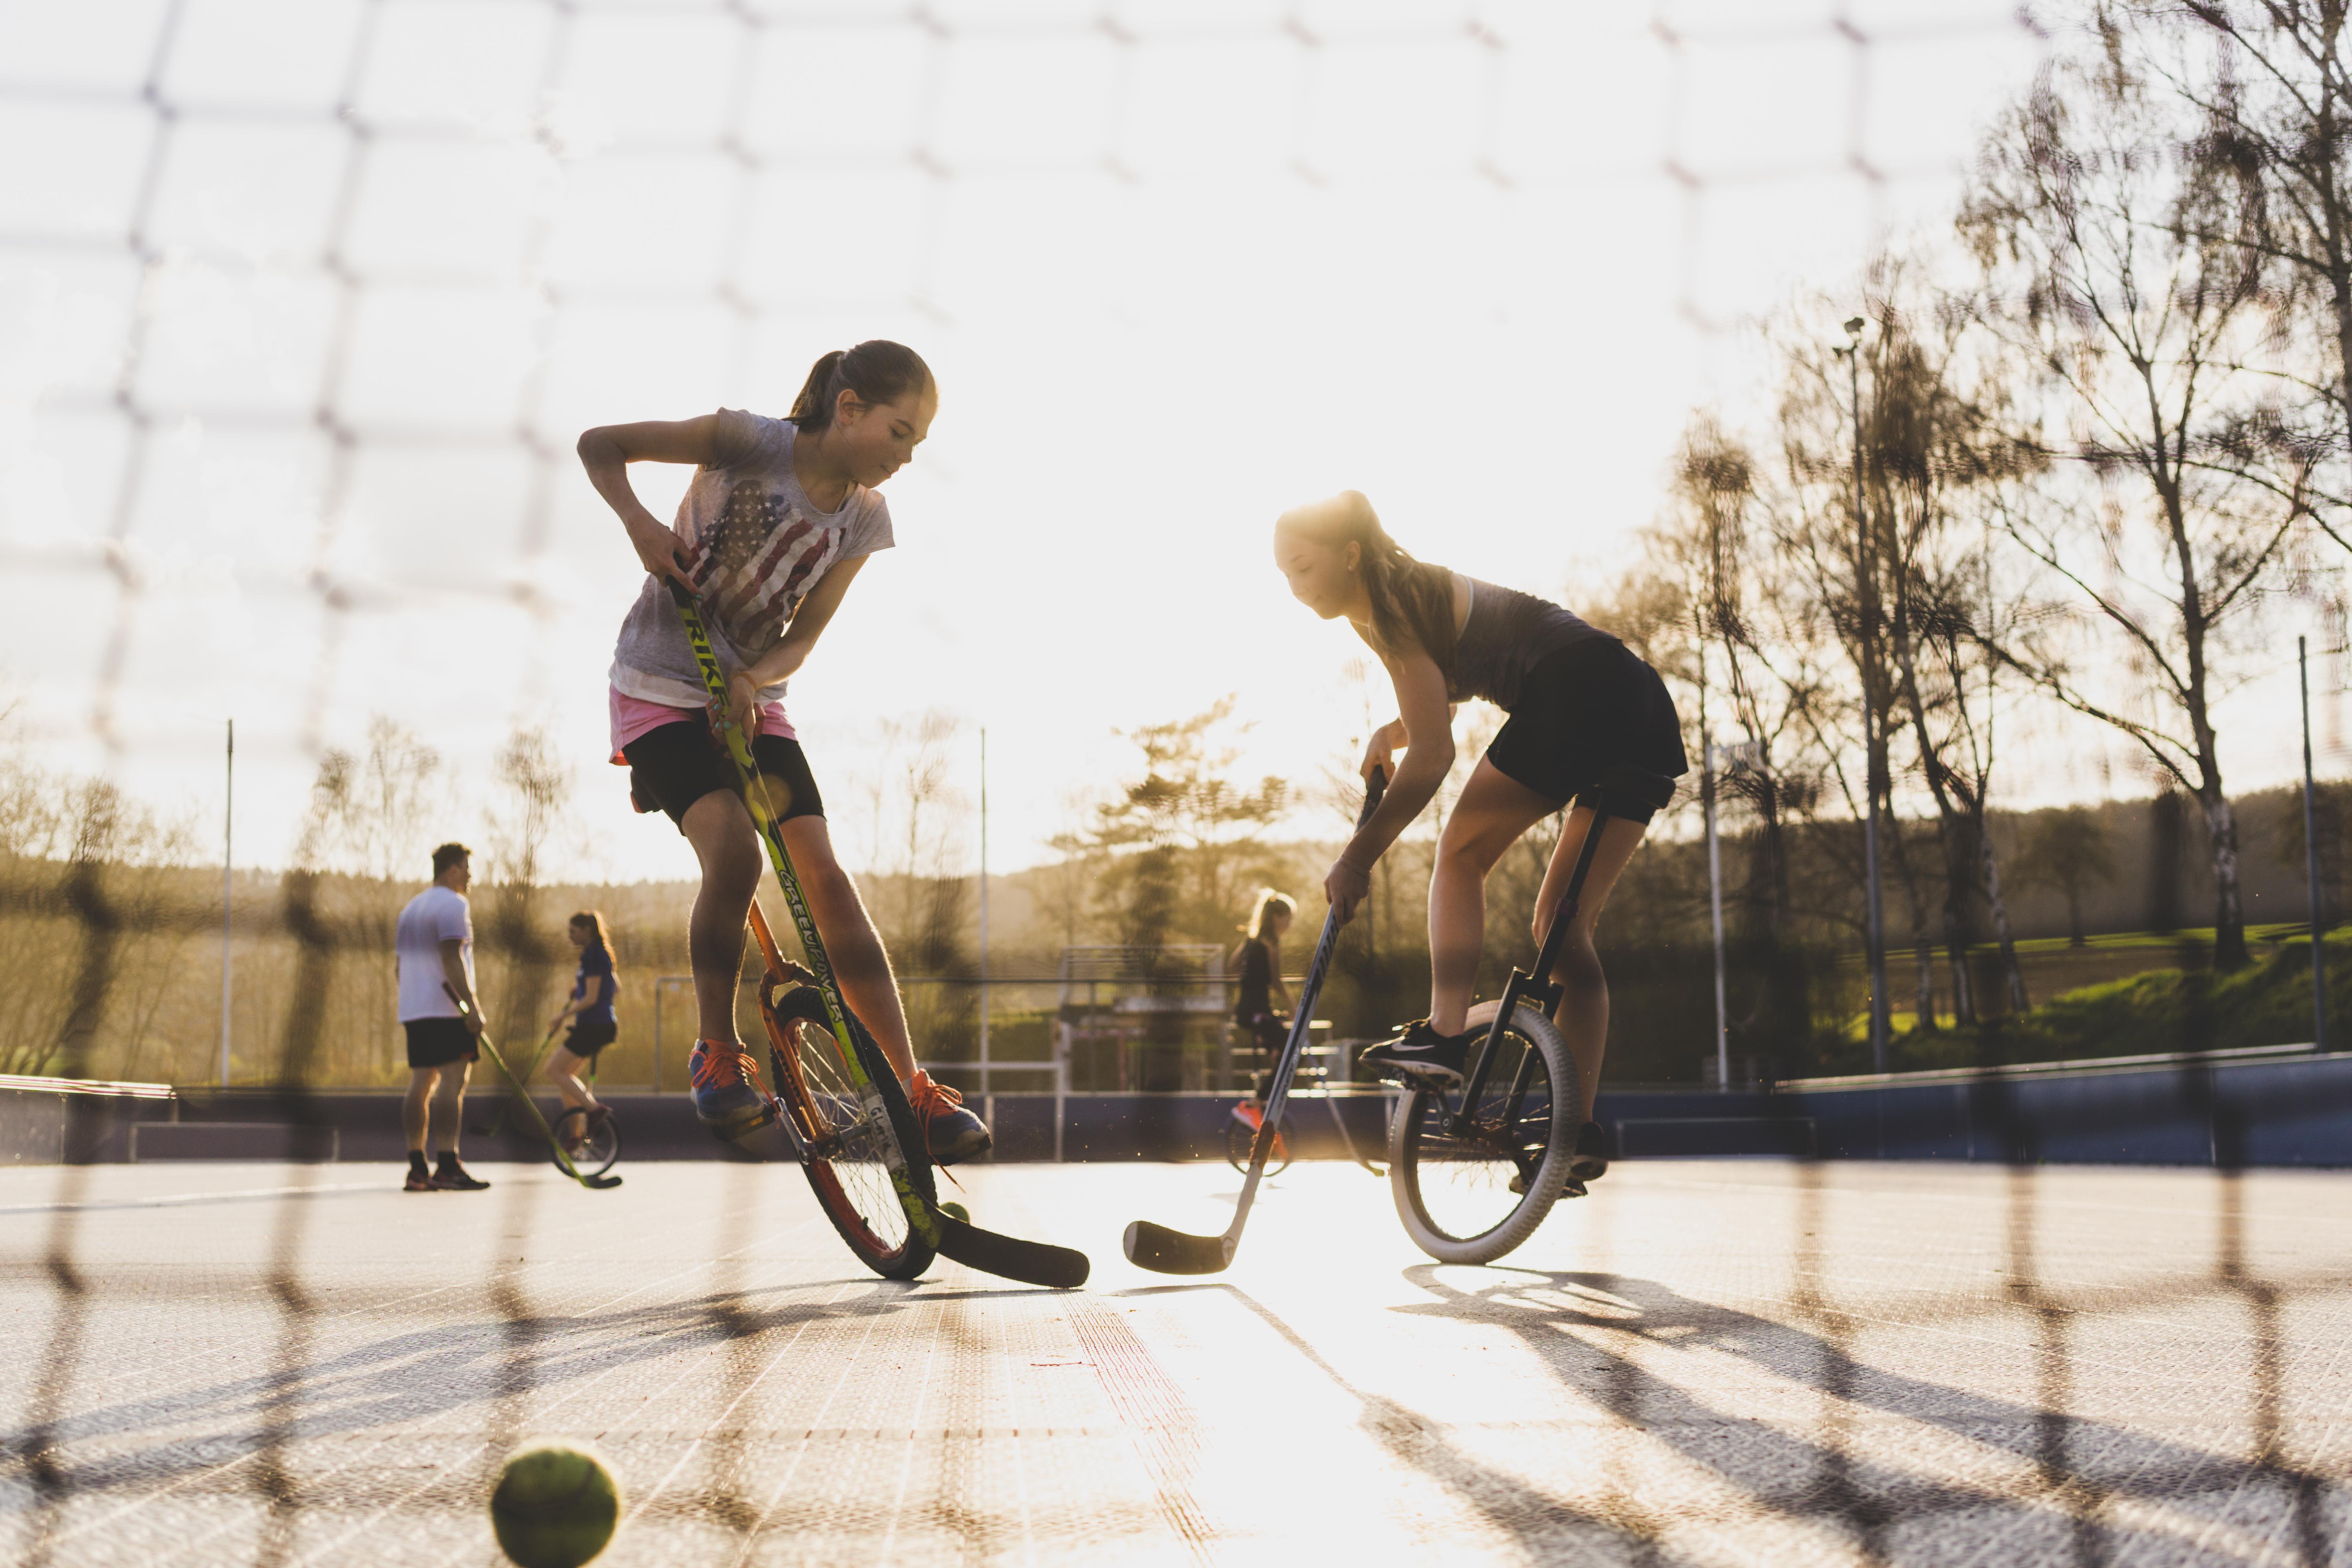 SV Lohrheim Einradhockey